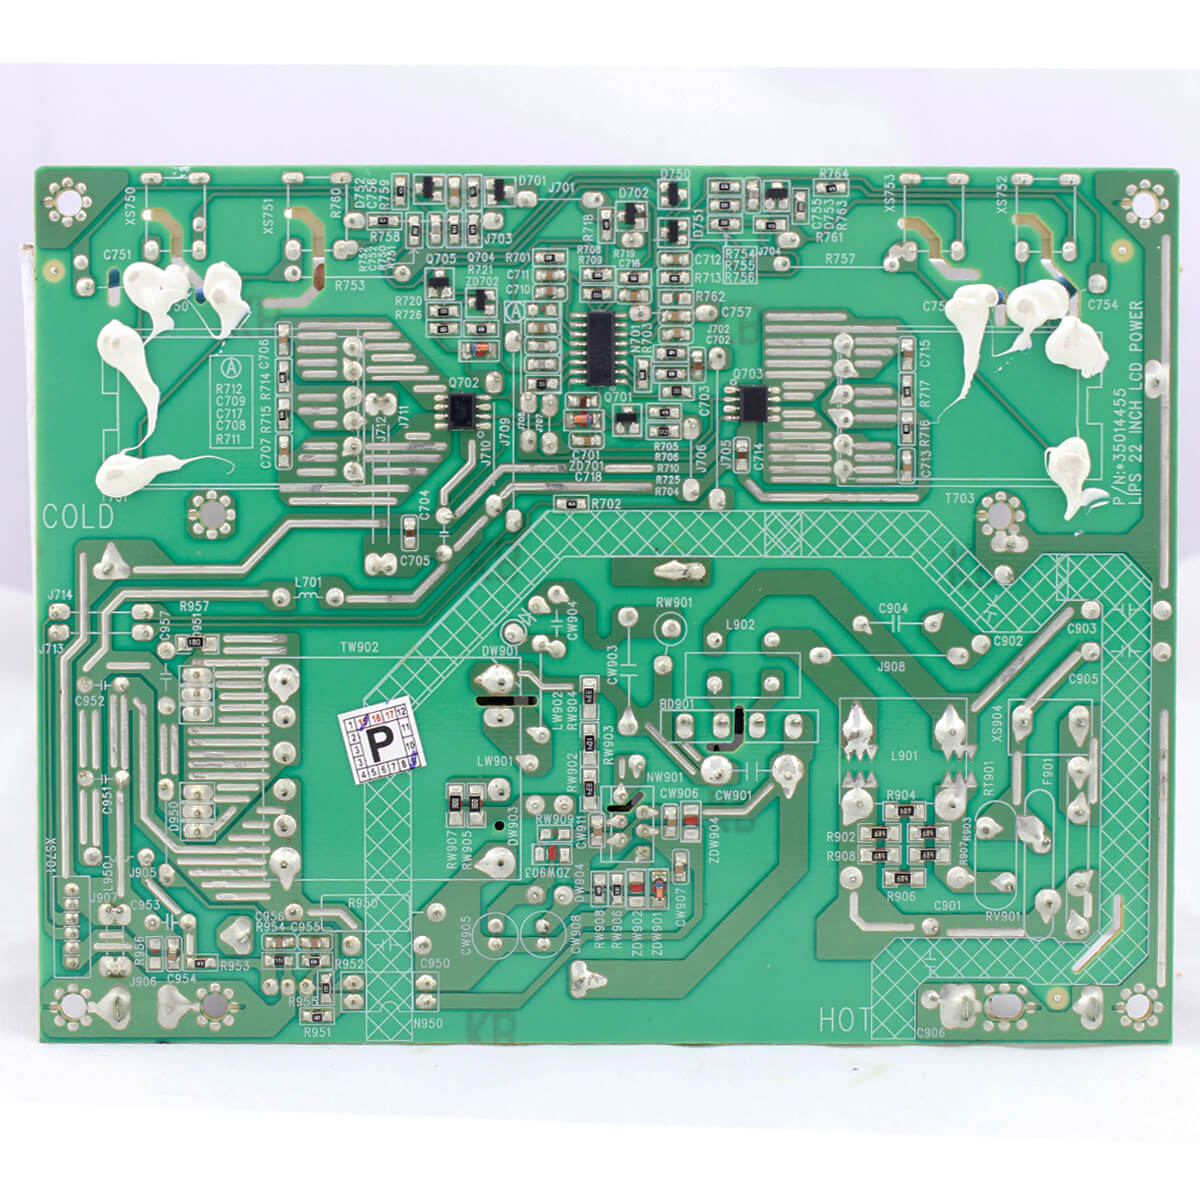 Placa Fonte de Monitor Toshiba LC1945W Pn KIP060I04-01 (34006705) - Nova